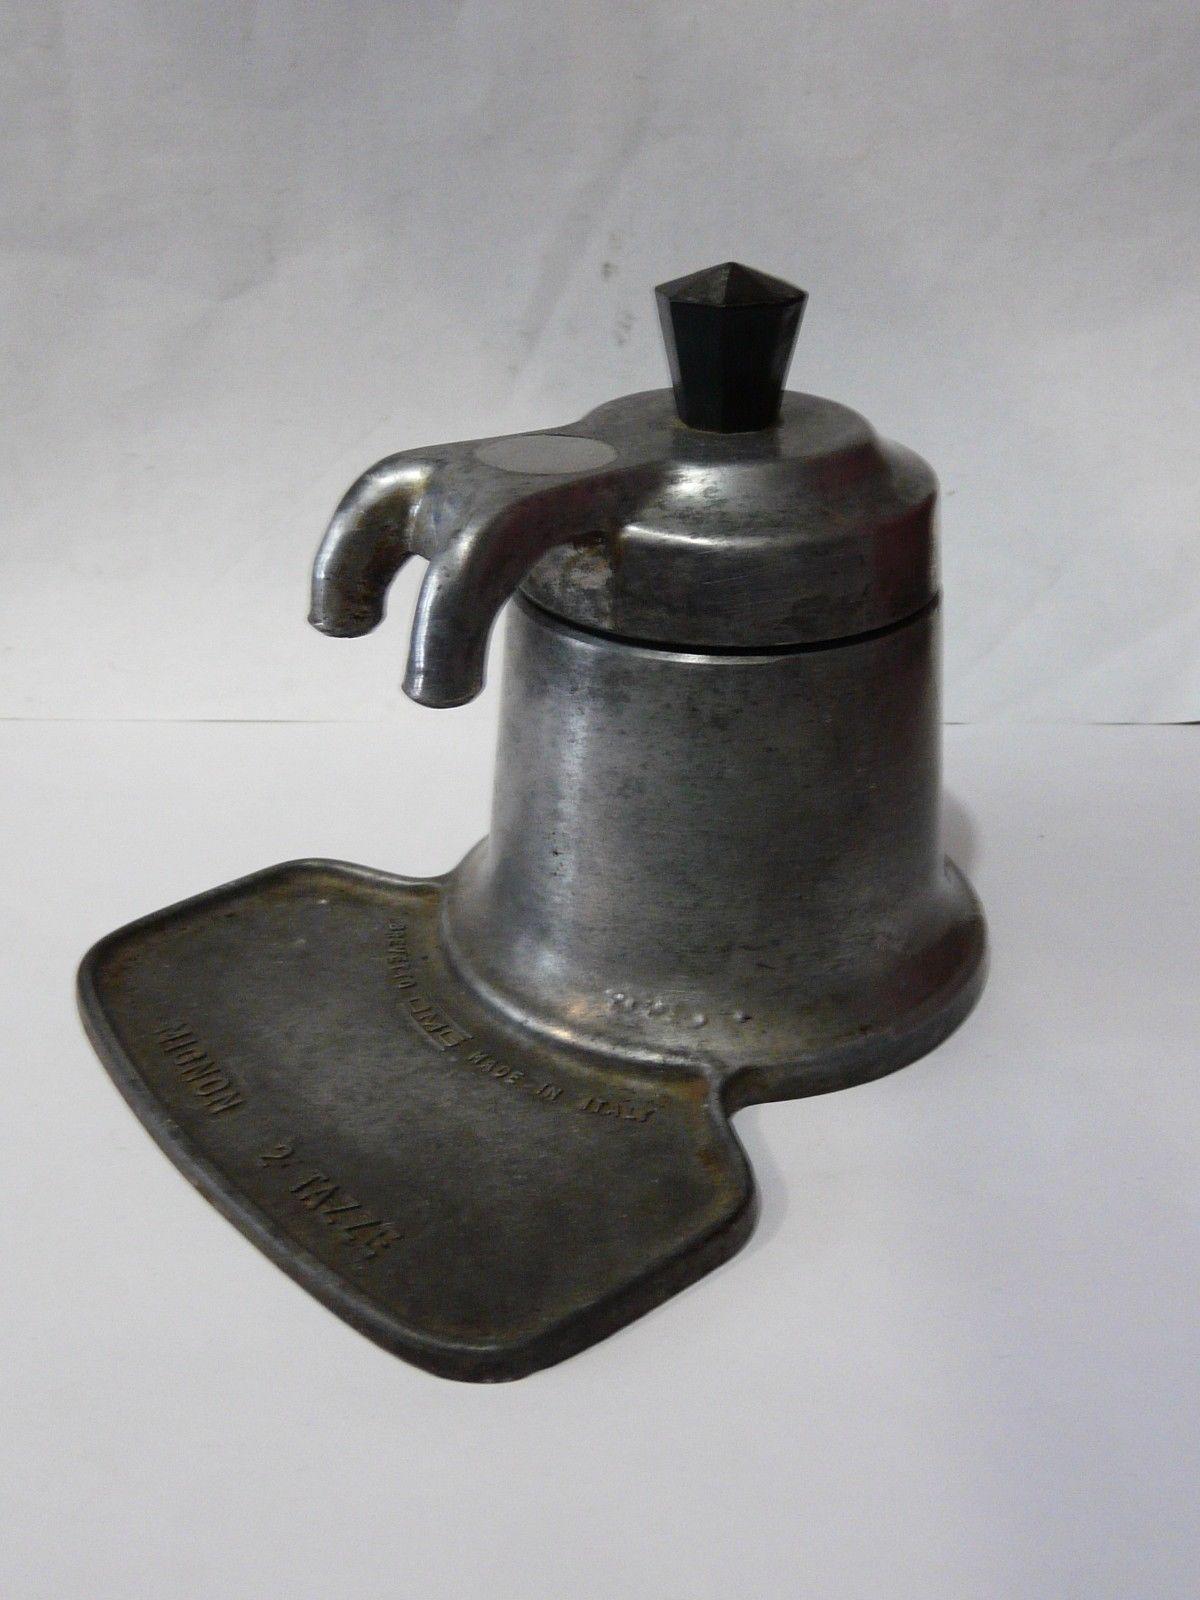 Vintage Brevetto Mignon 2 Tazze Stove Top Espresso Maker